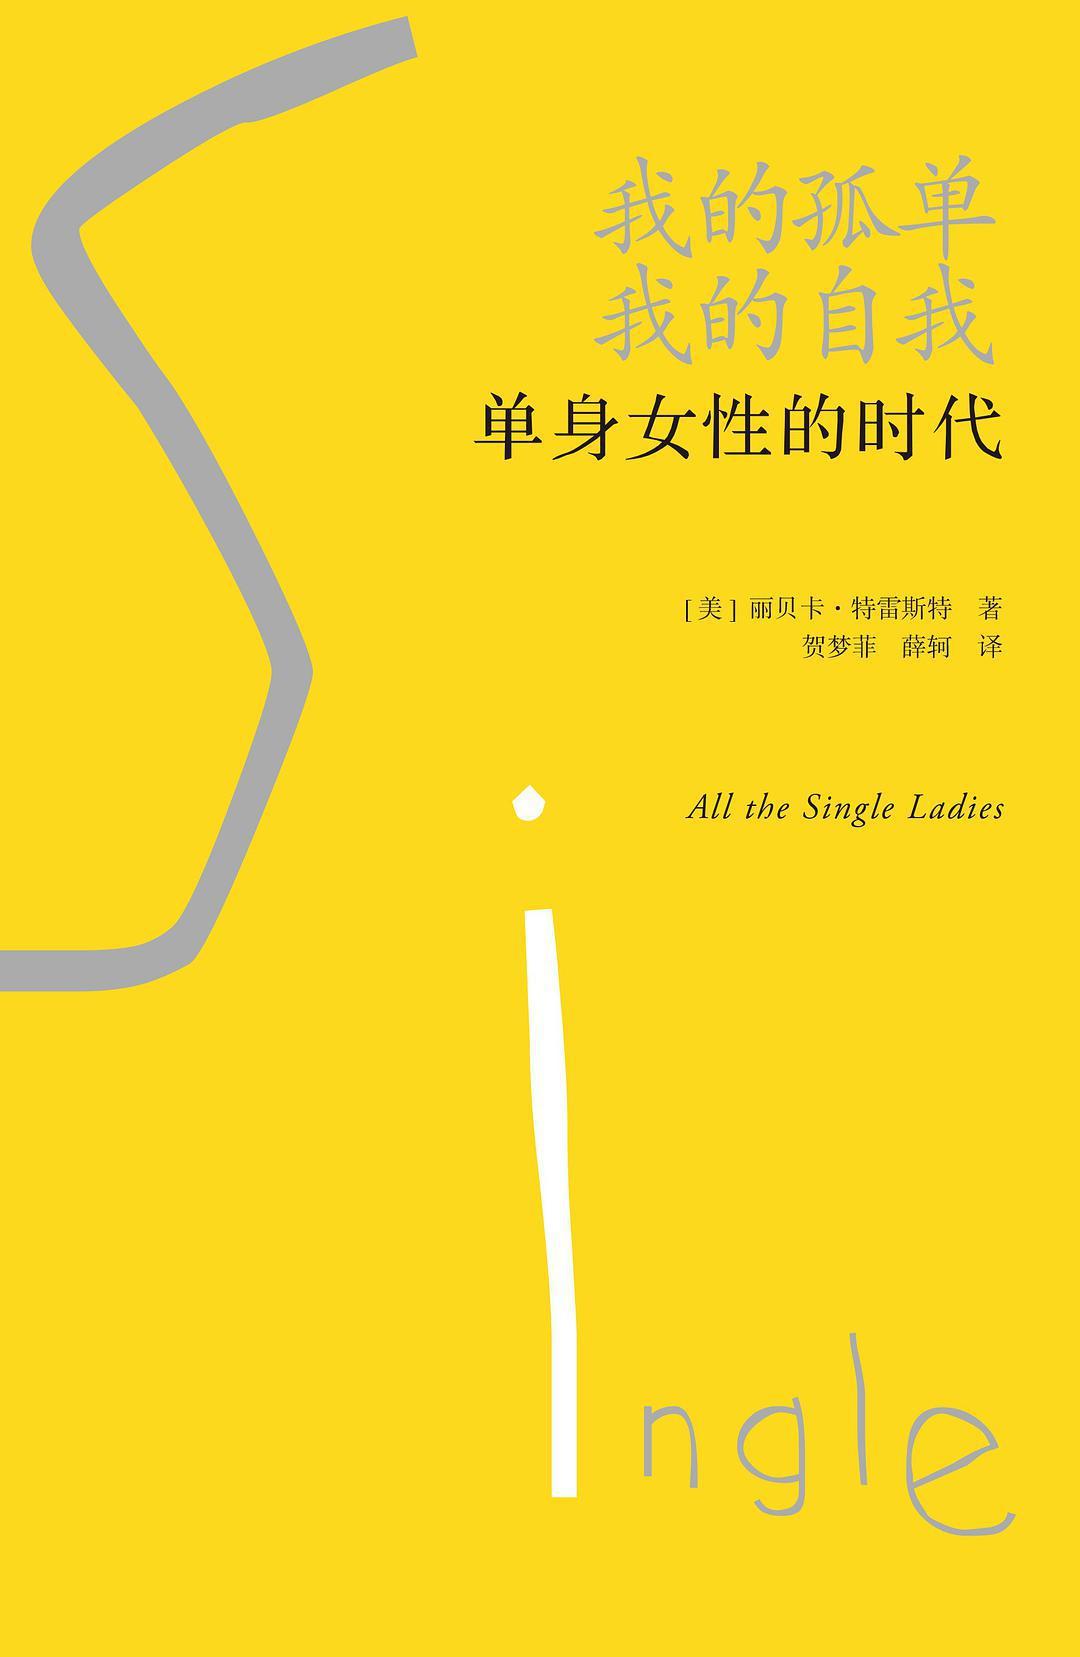 单身女性的时代:我的孤单,我的自我电子书下载